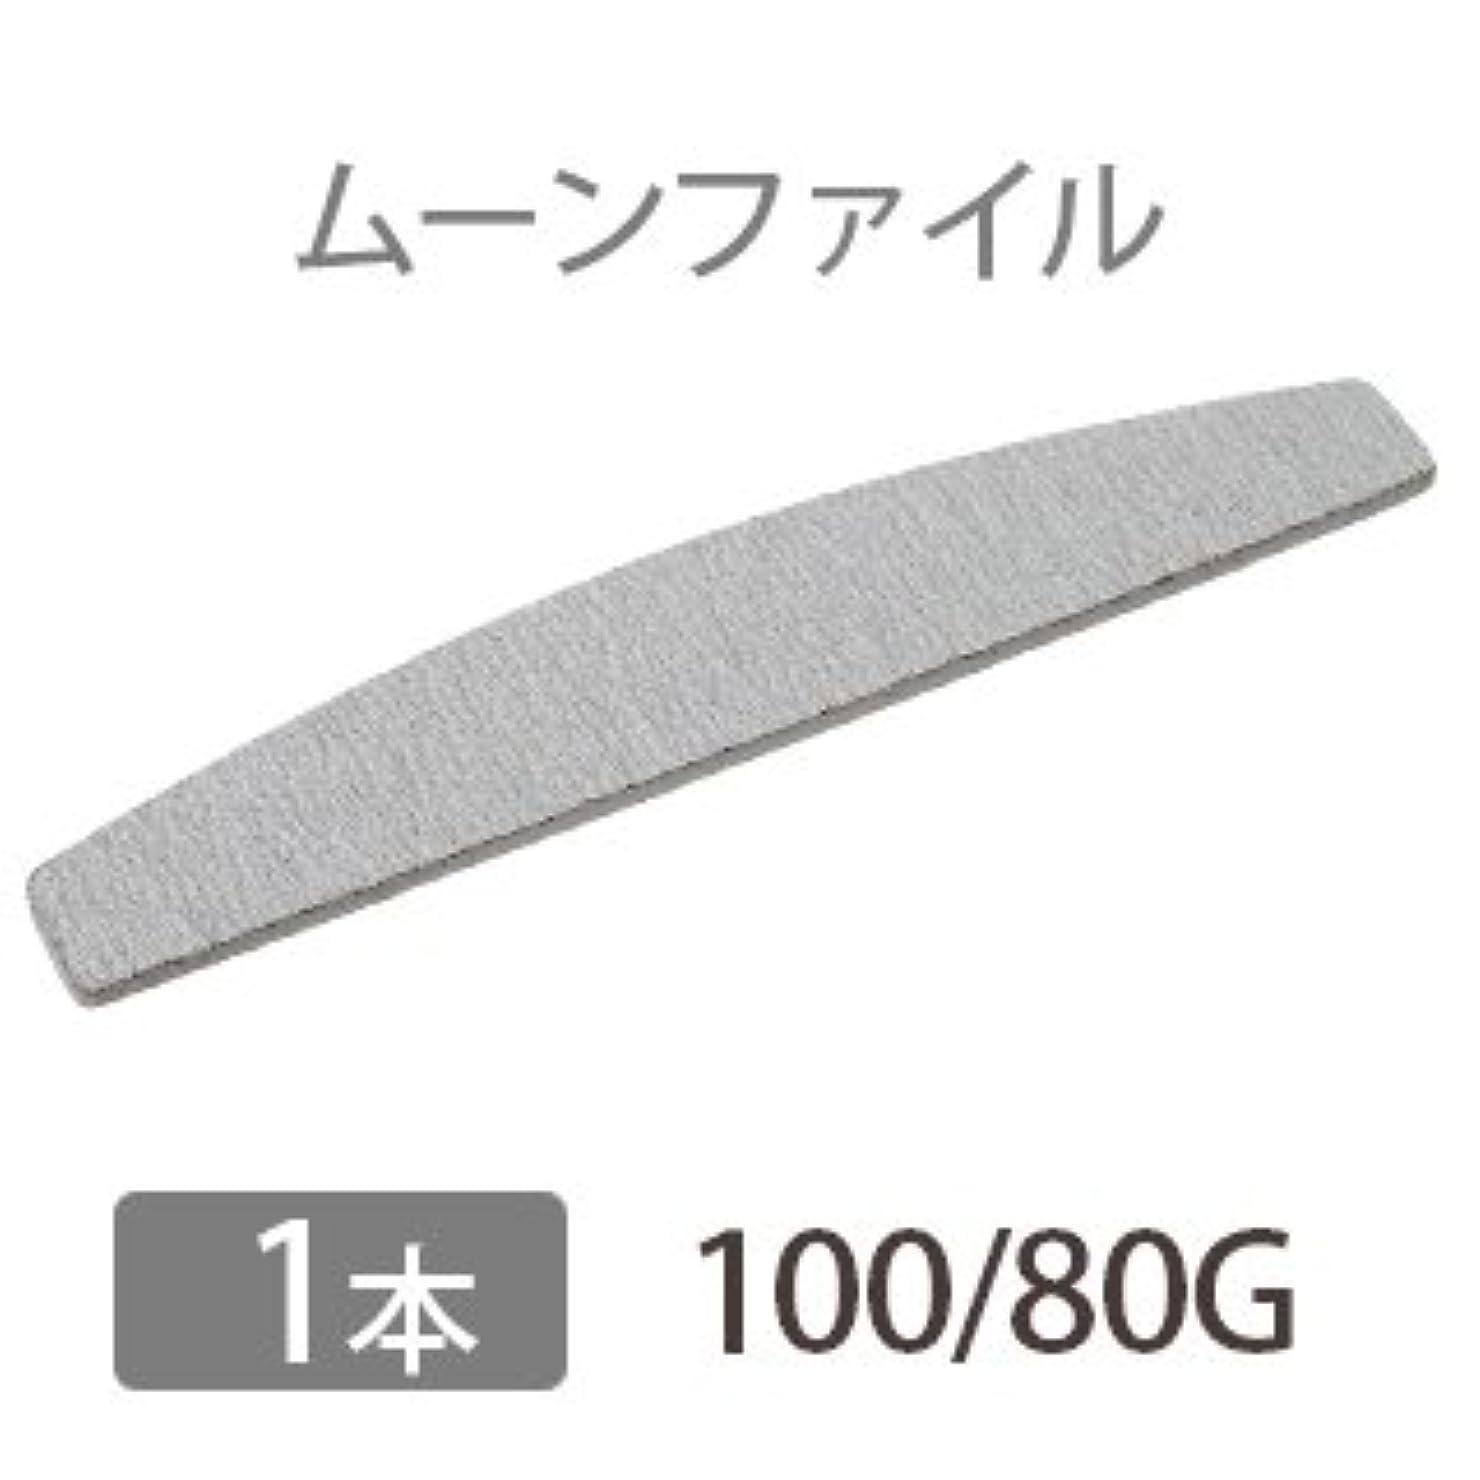 任命する肺炎ノートムーンファイル 100/80 【ネイル オフ ケア用品】